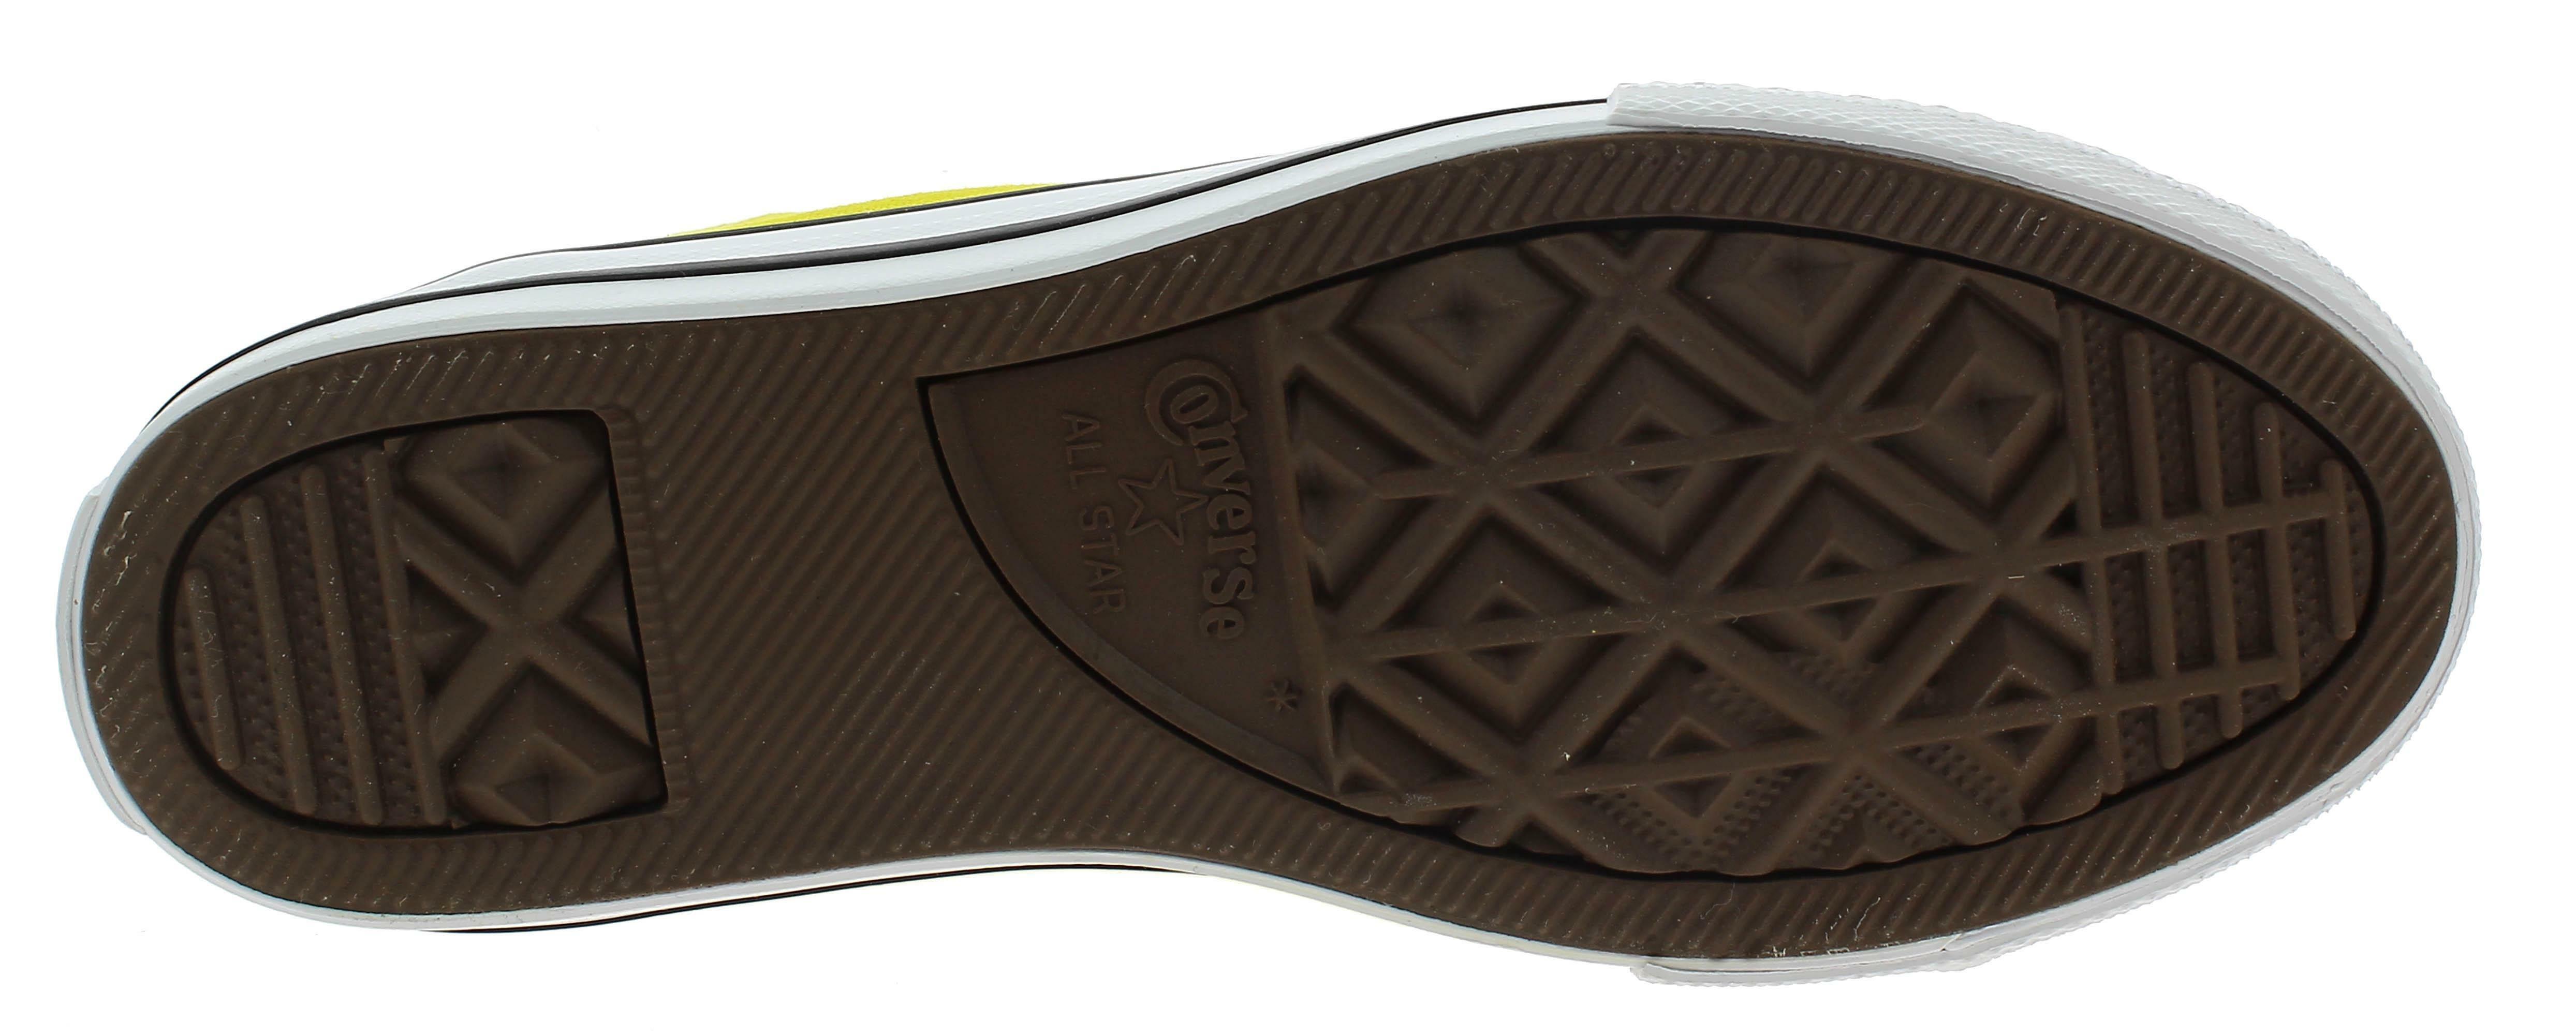 converse ctas hi scarpe sportive bambino gialle 663629